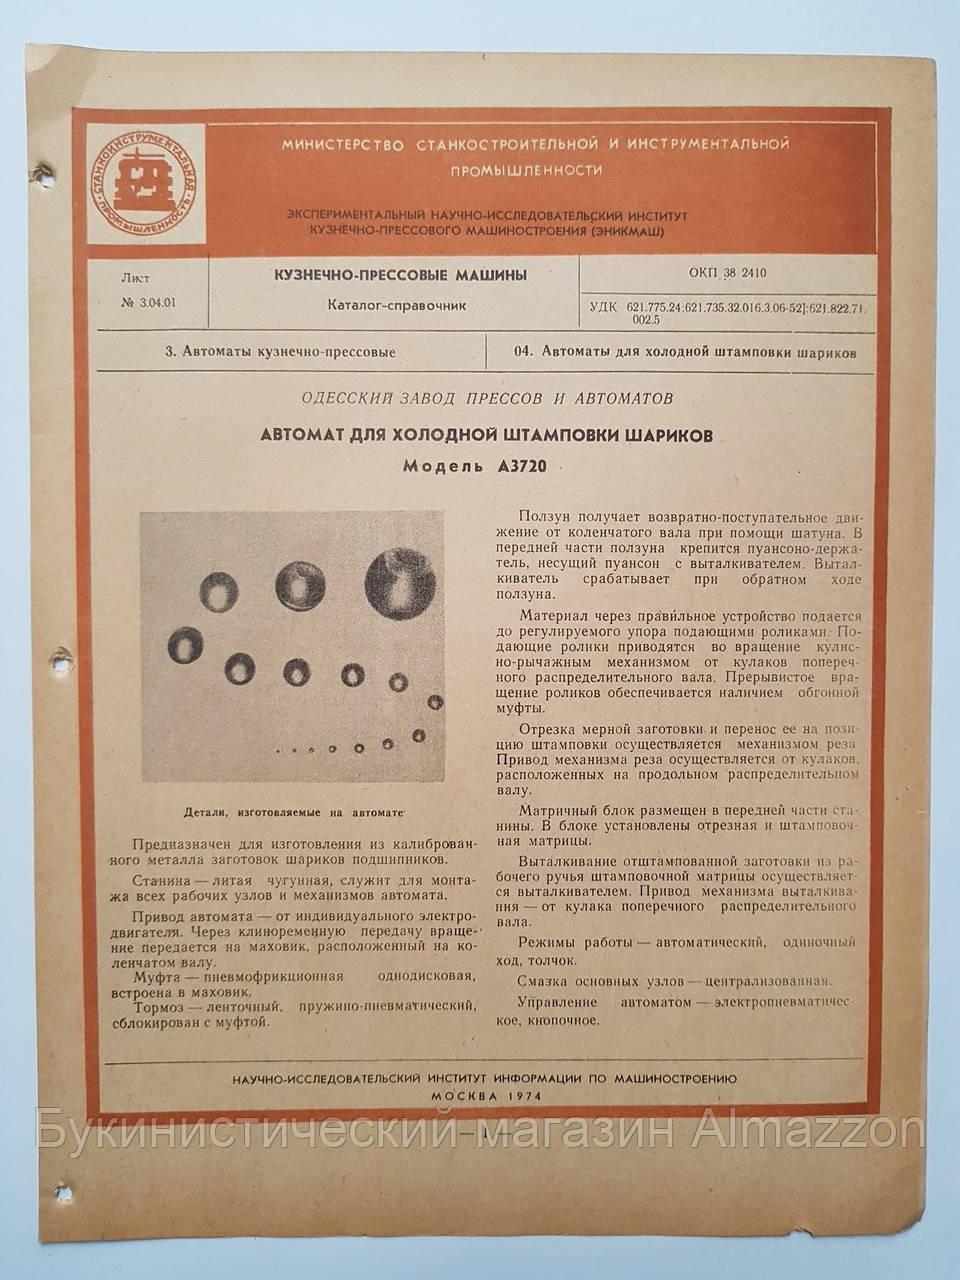 Журнал (Бюллетень) Автомат для холодной штамповки шариков А3720  3.04.01